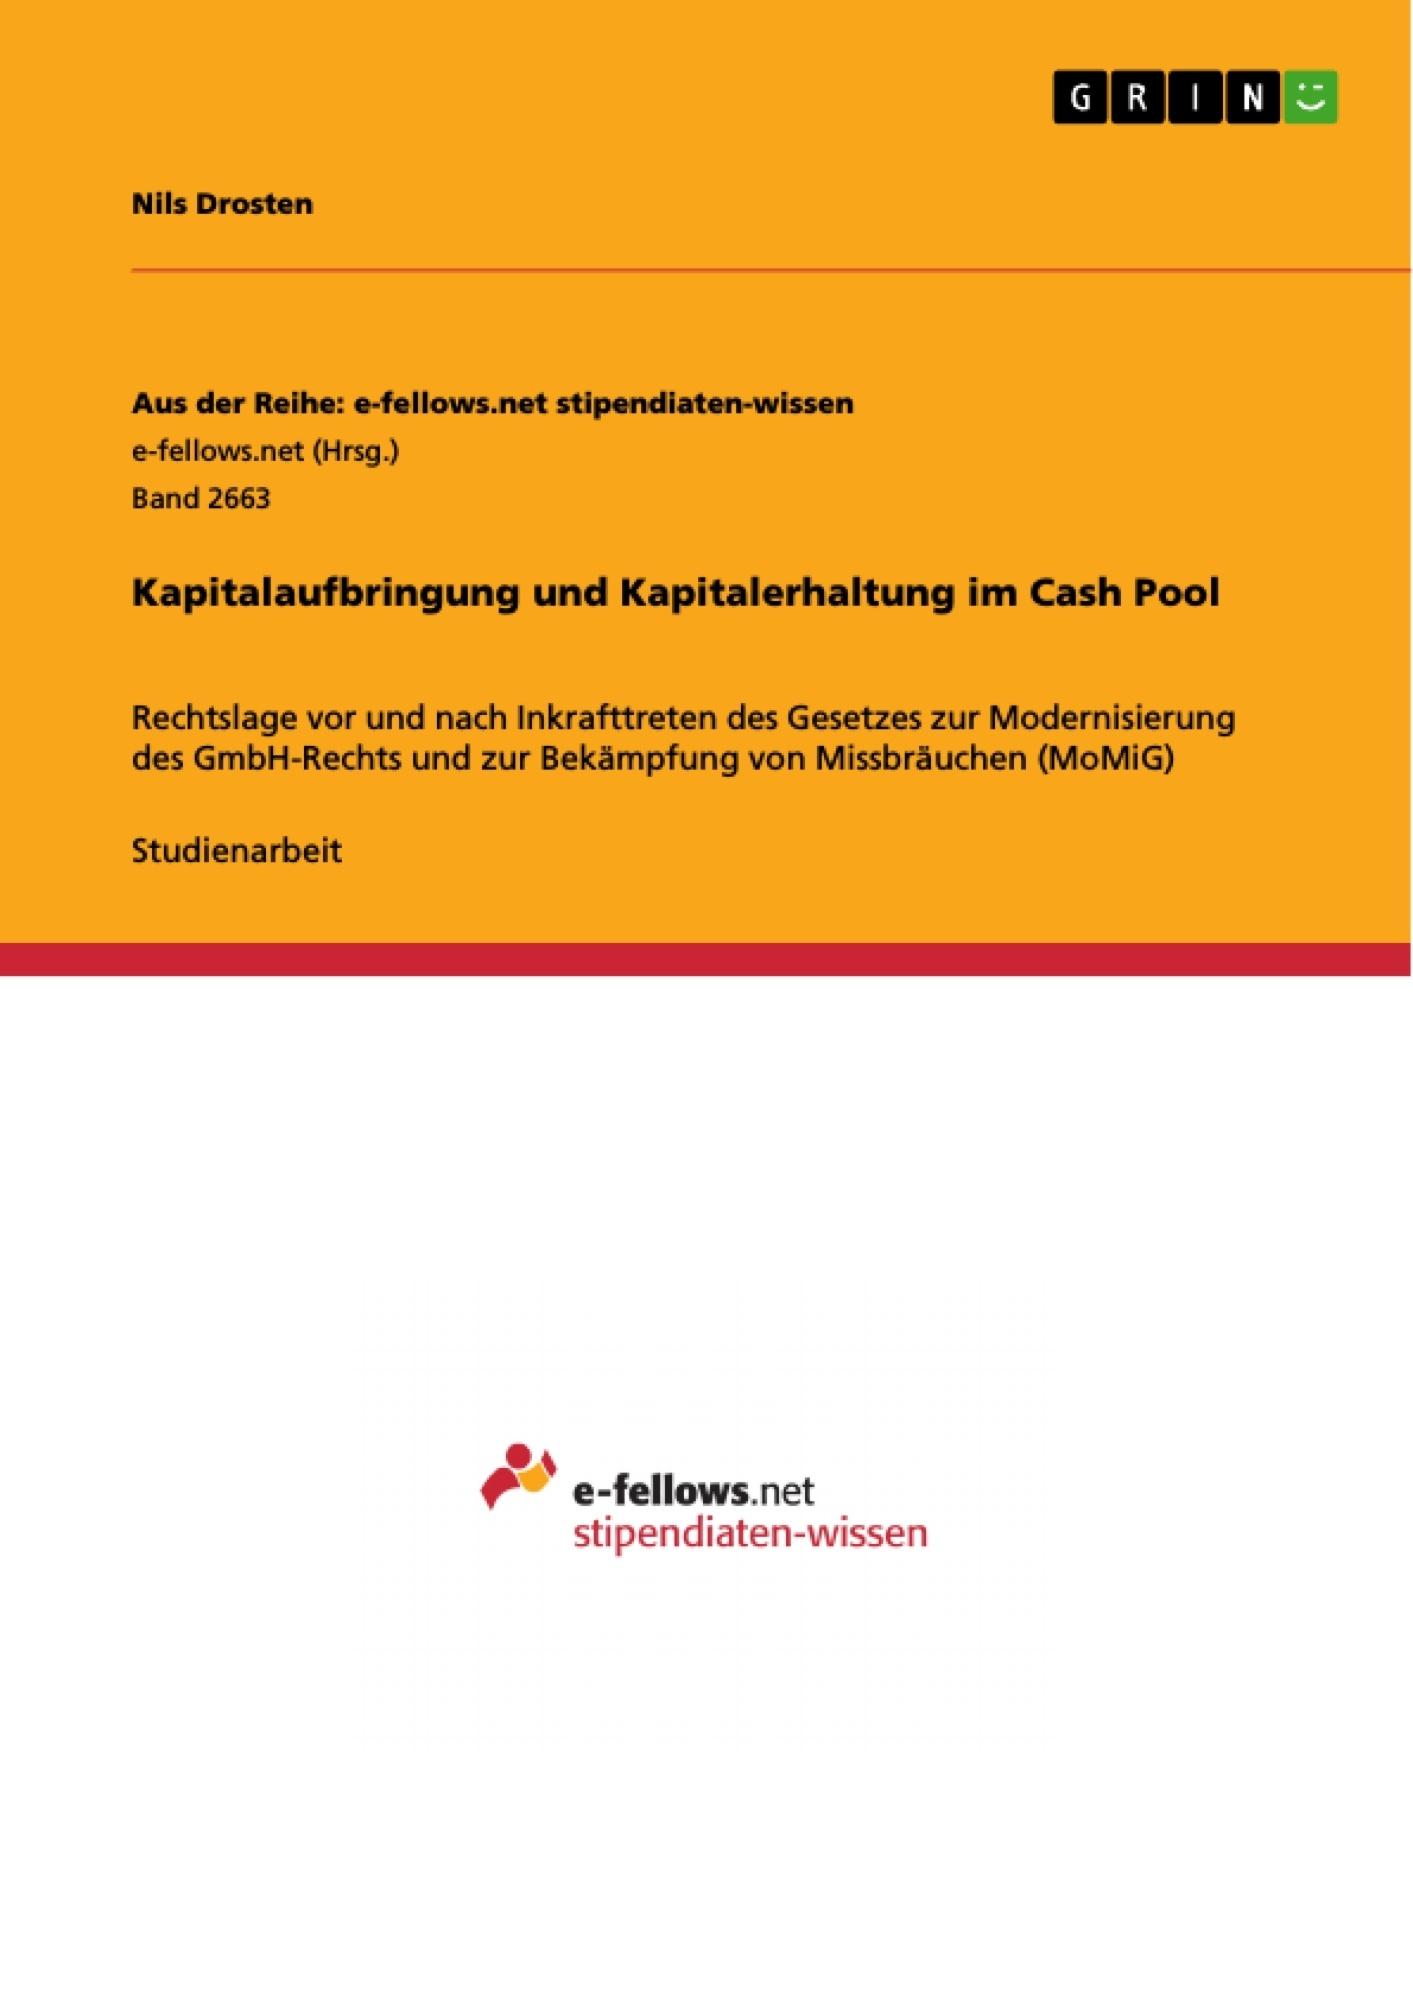 Titel: Kapitalaufbringung und Kapitalerhaltung im Cash Pool